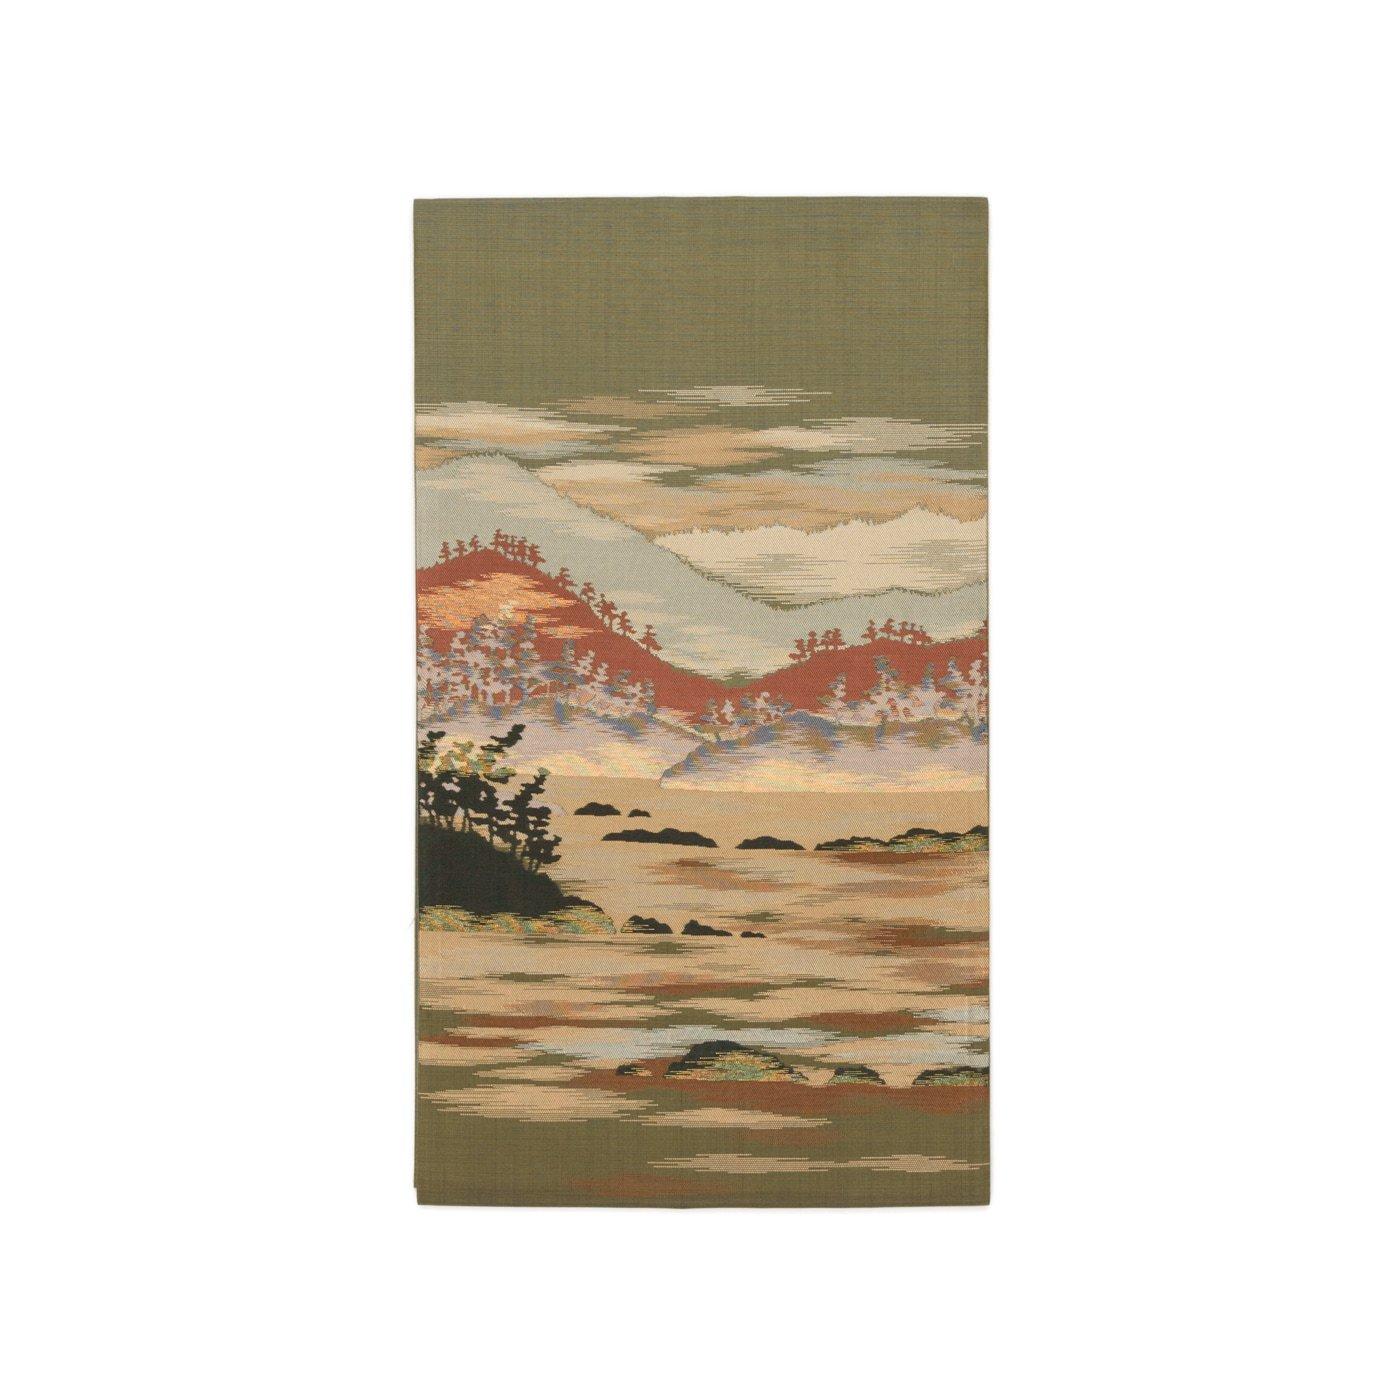 「洒落袋帯●山並みに木々」の商品画像